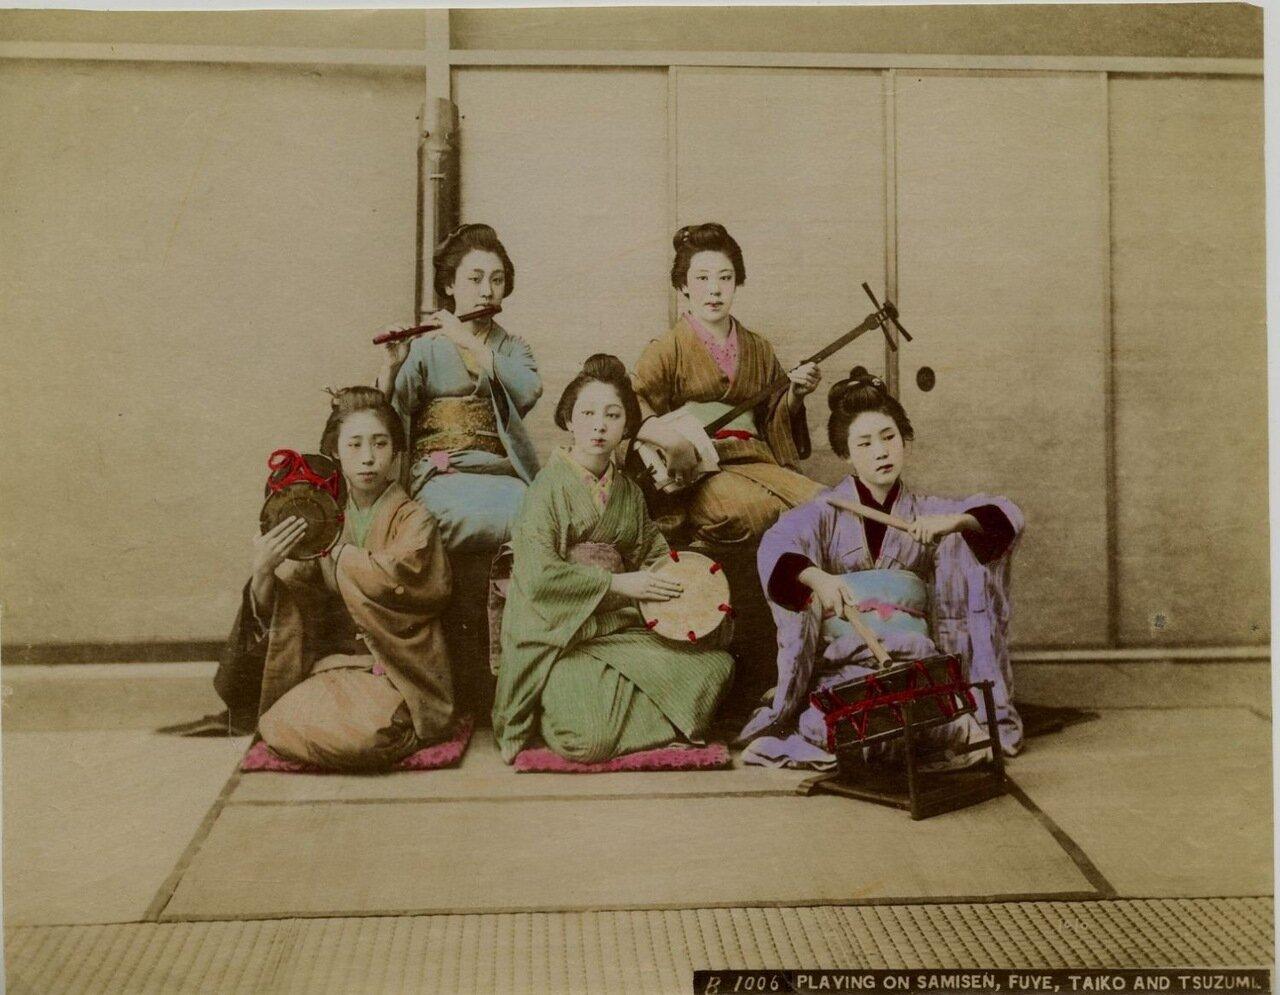 Исполнительницы на сямисэн, файе, тайко и тсузуми